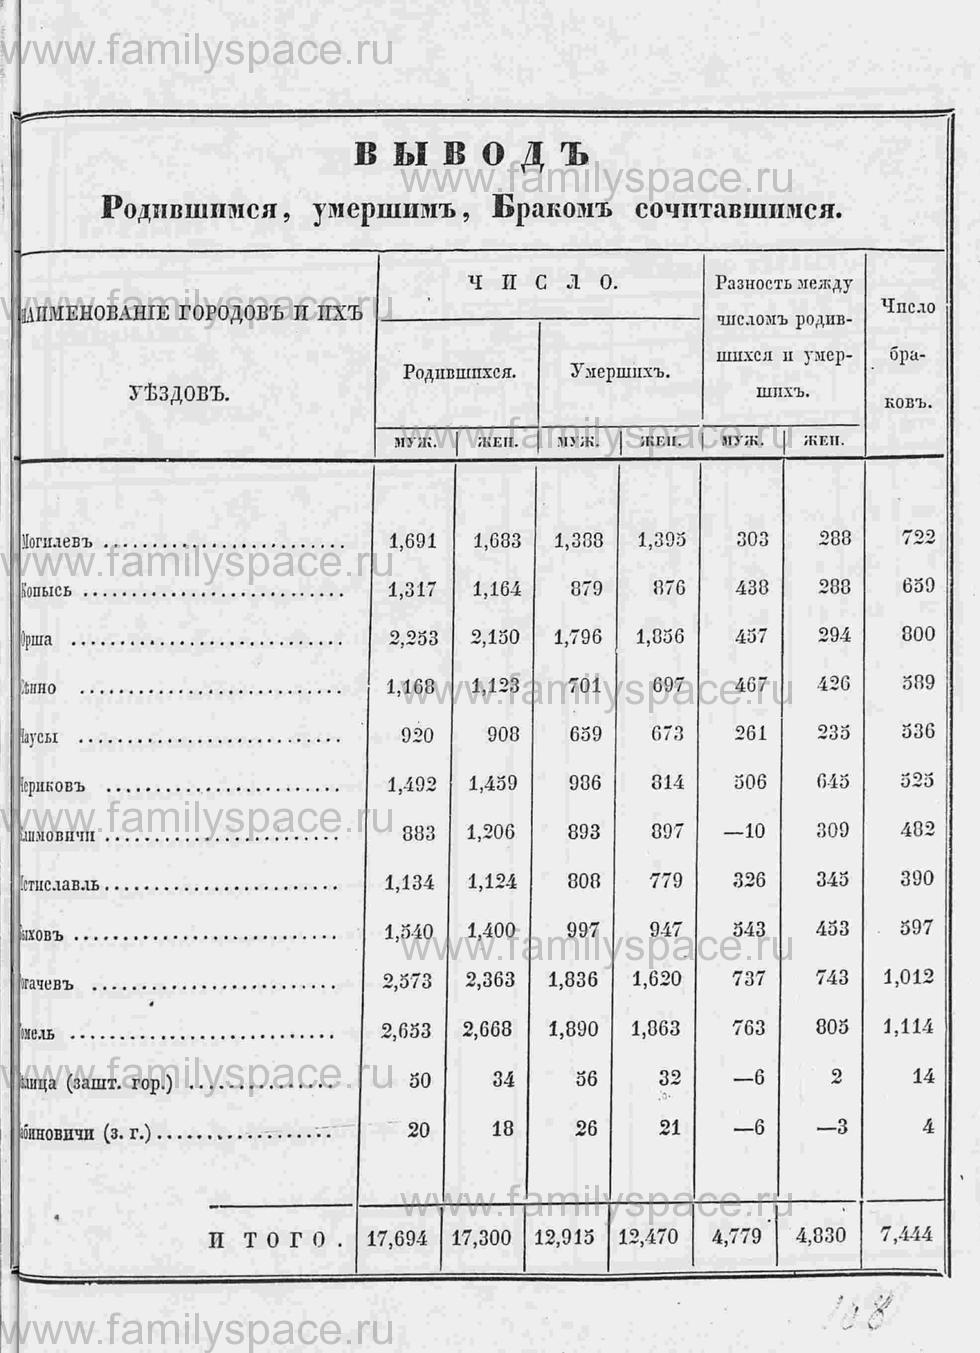 Поиск по фамилии - Памятная книга за 1853 год по Могилёвской губернии, страница 129